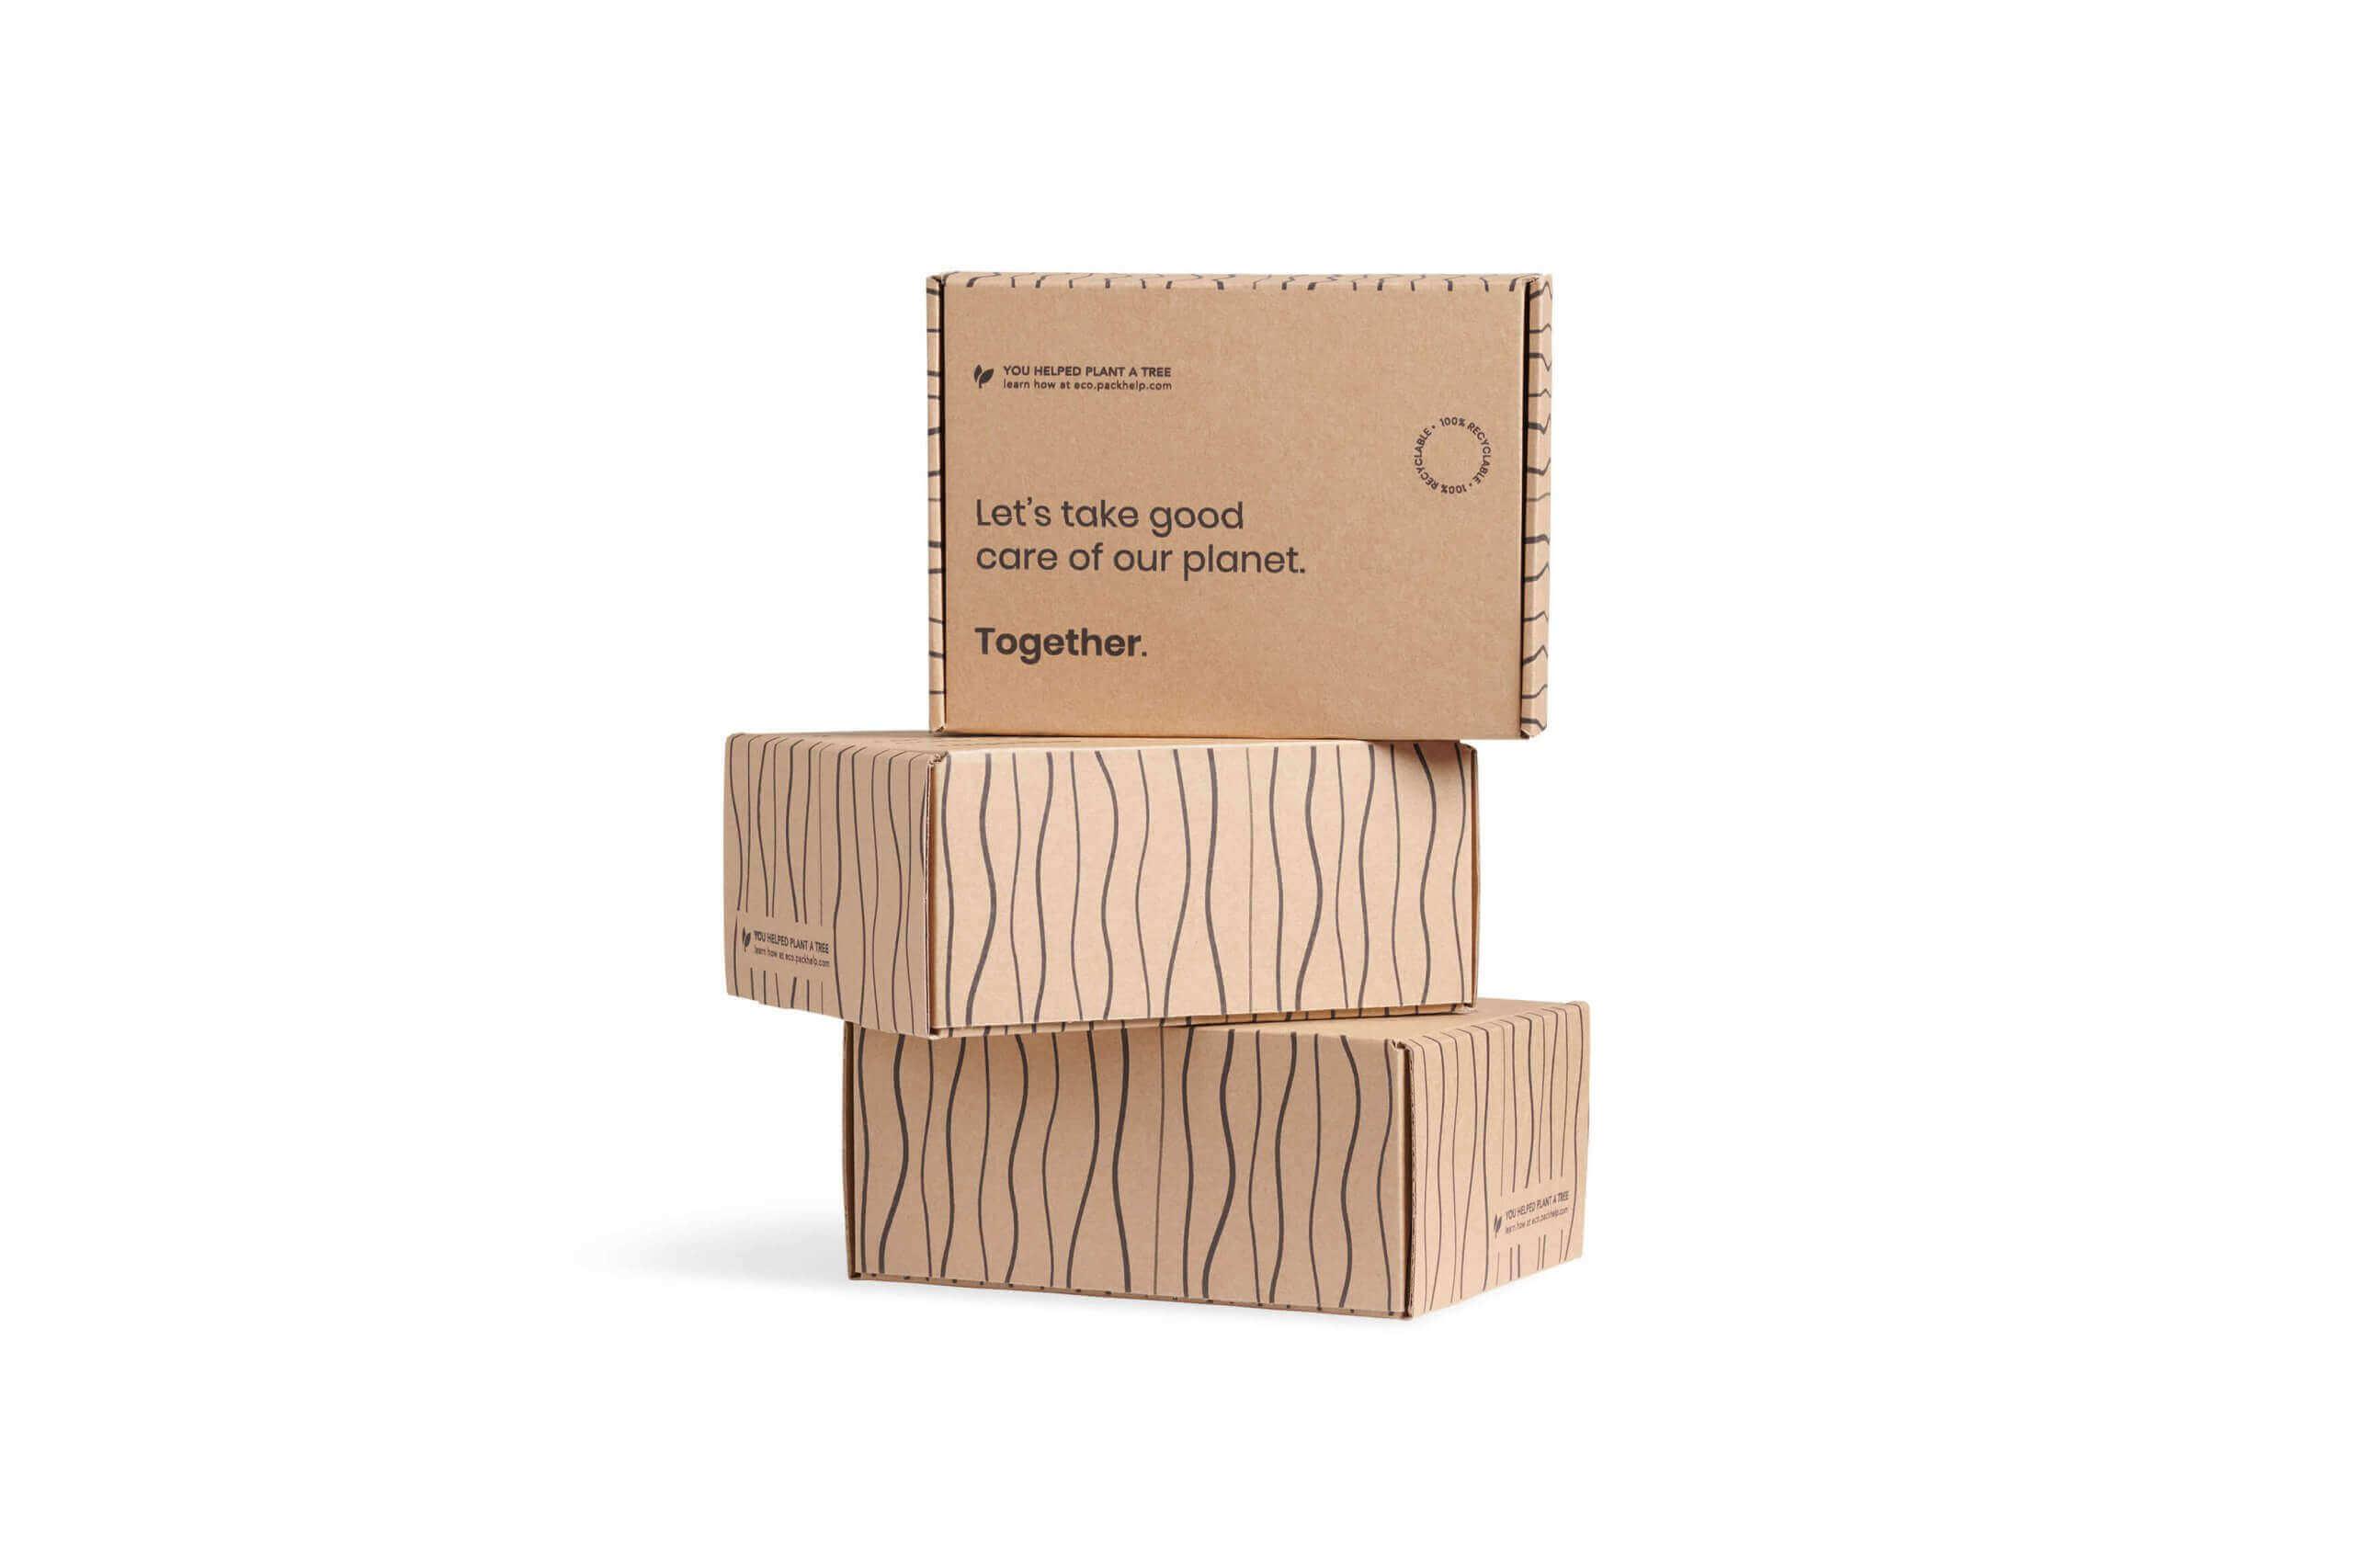 las cajas postales son perfectas para el buen embalaje de productos